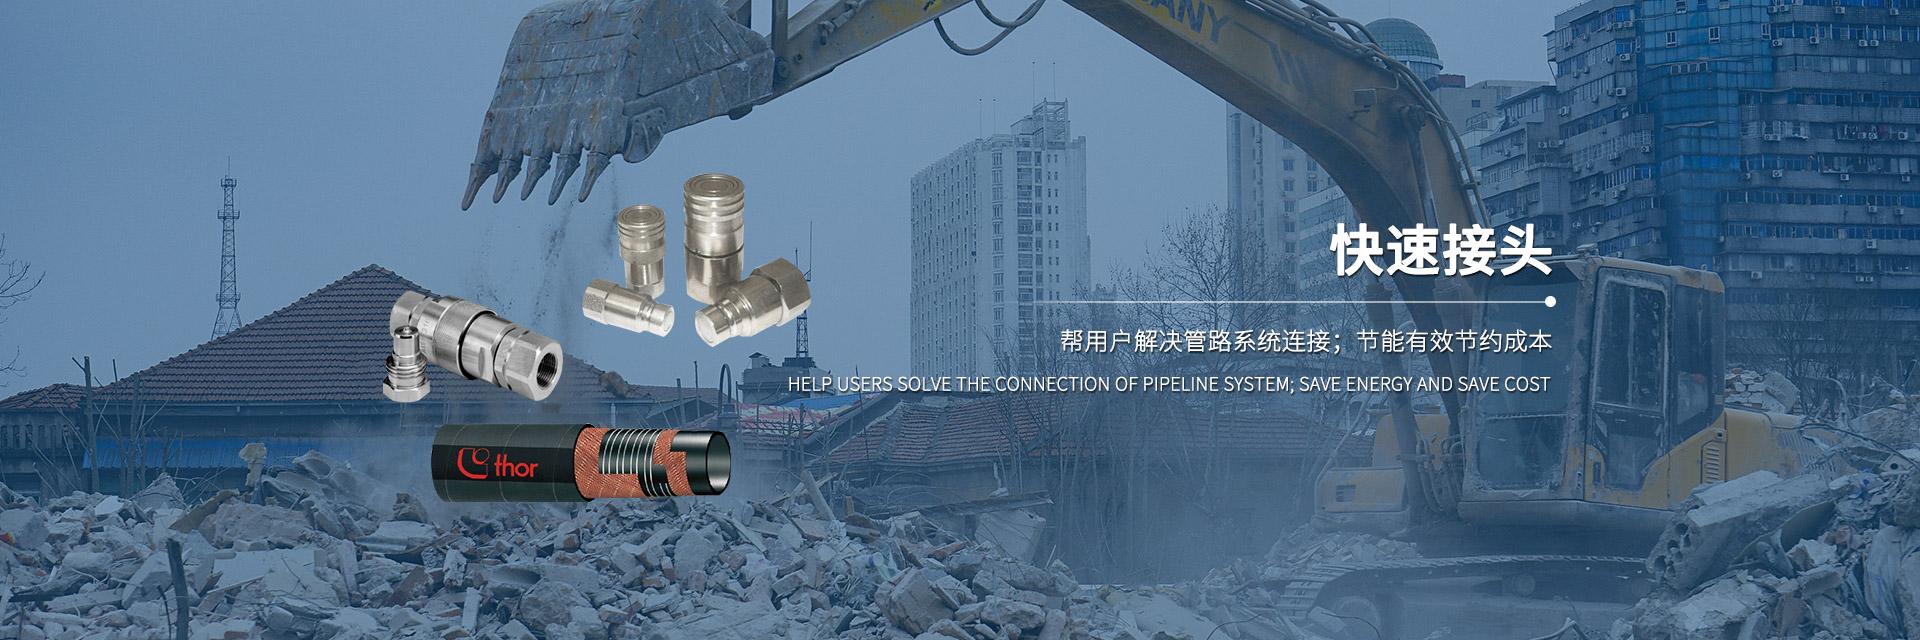 上海捷威贸易有限公司